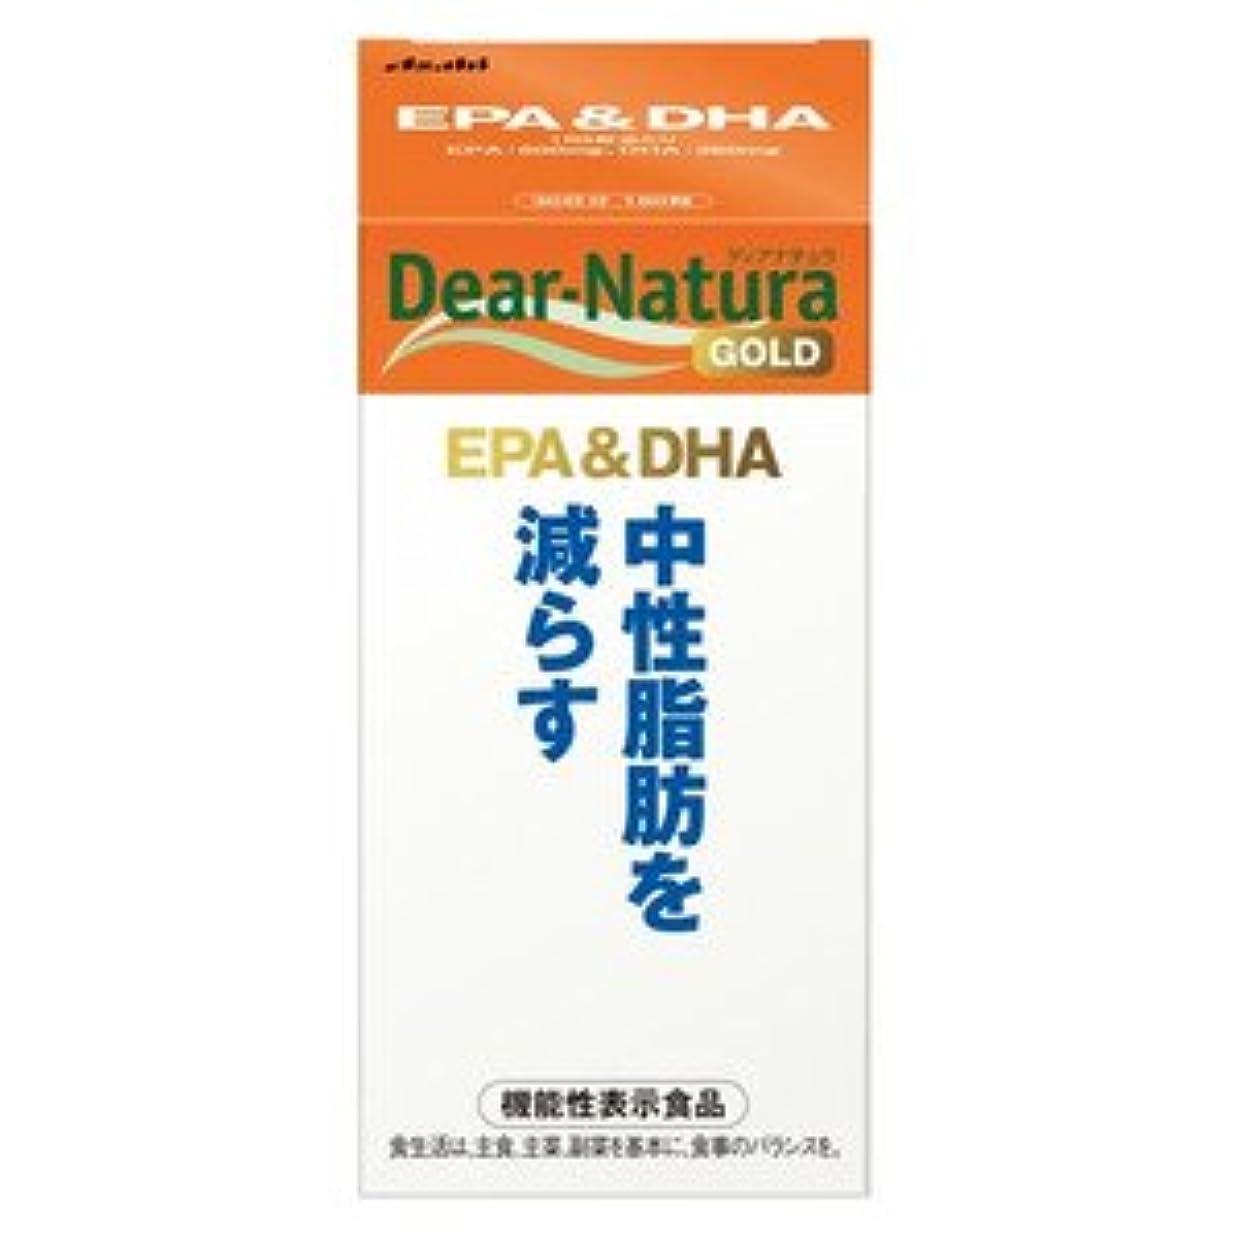 安定しました遺伝子(アサヒフード&ヘルスケア)ディアナチュラゴールド EPA&DHA 30日分 180粒(お買い得3個セット)